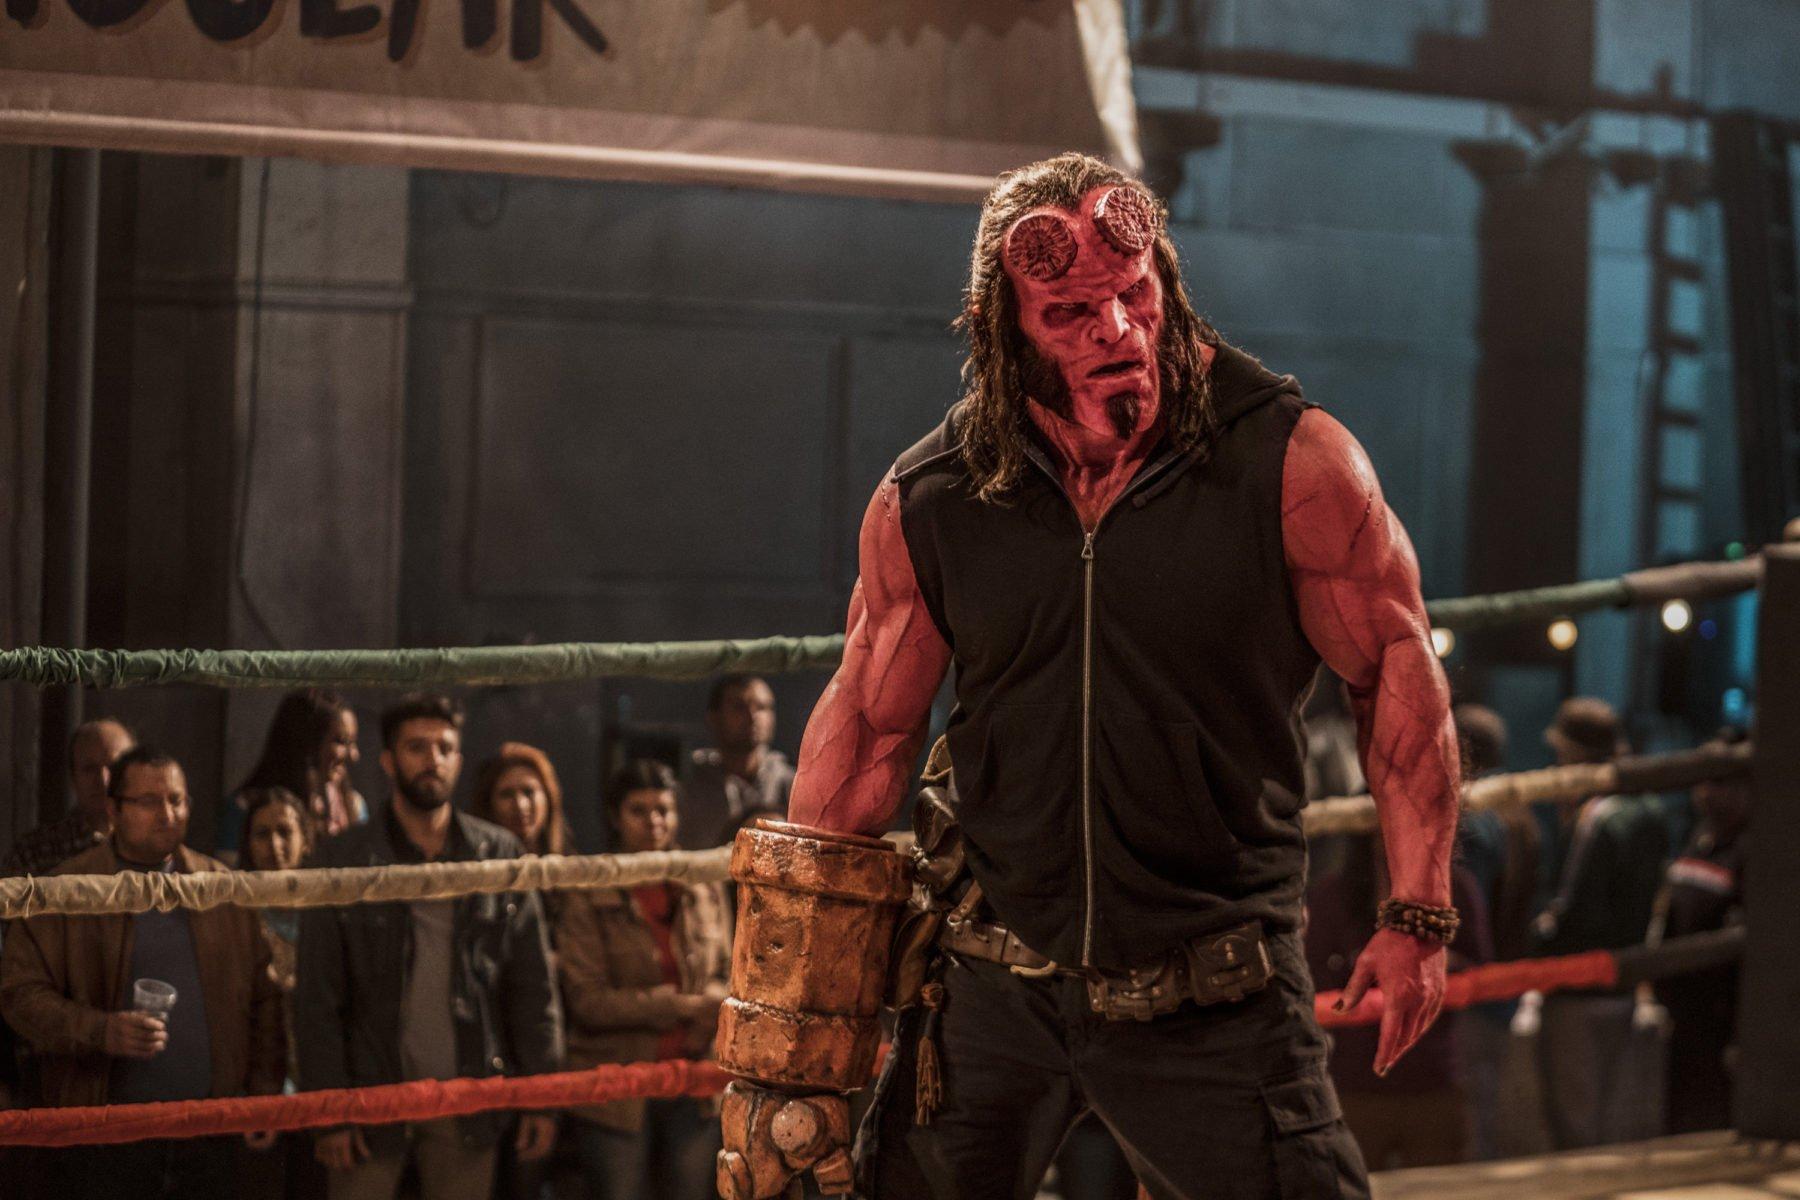 El director de Hellboy revela el motivo de ser clasificado como R